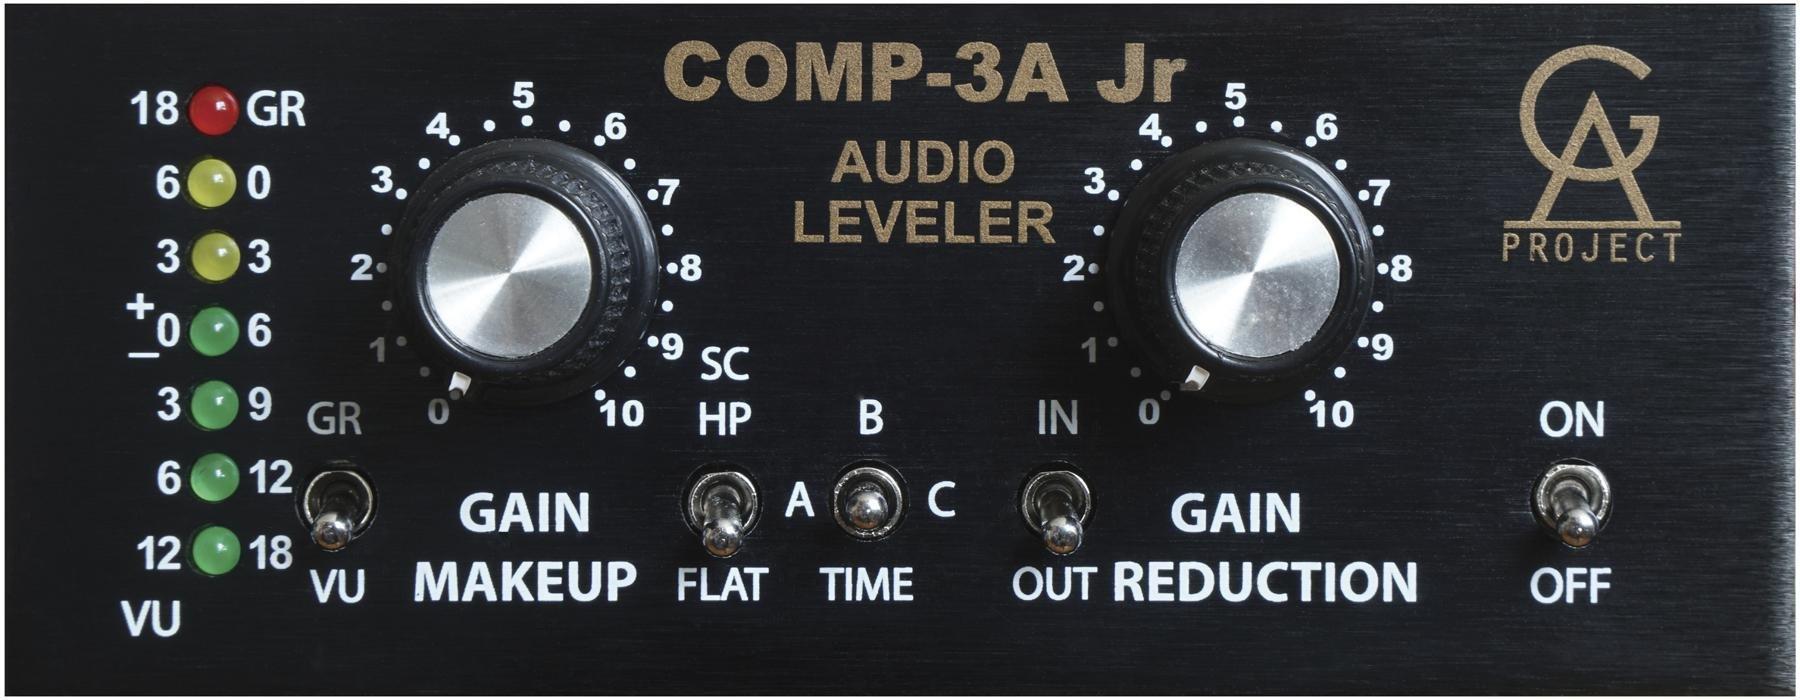 Golden Age Project / Comp-3A Jr  伝説のビンテージ・コンプ LA-3Aを再現しながらもコストパフォーマンスを追求